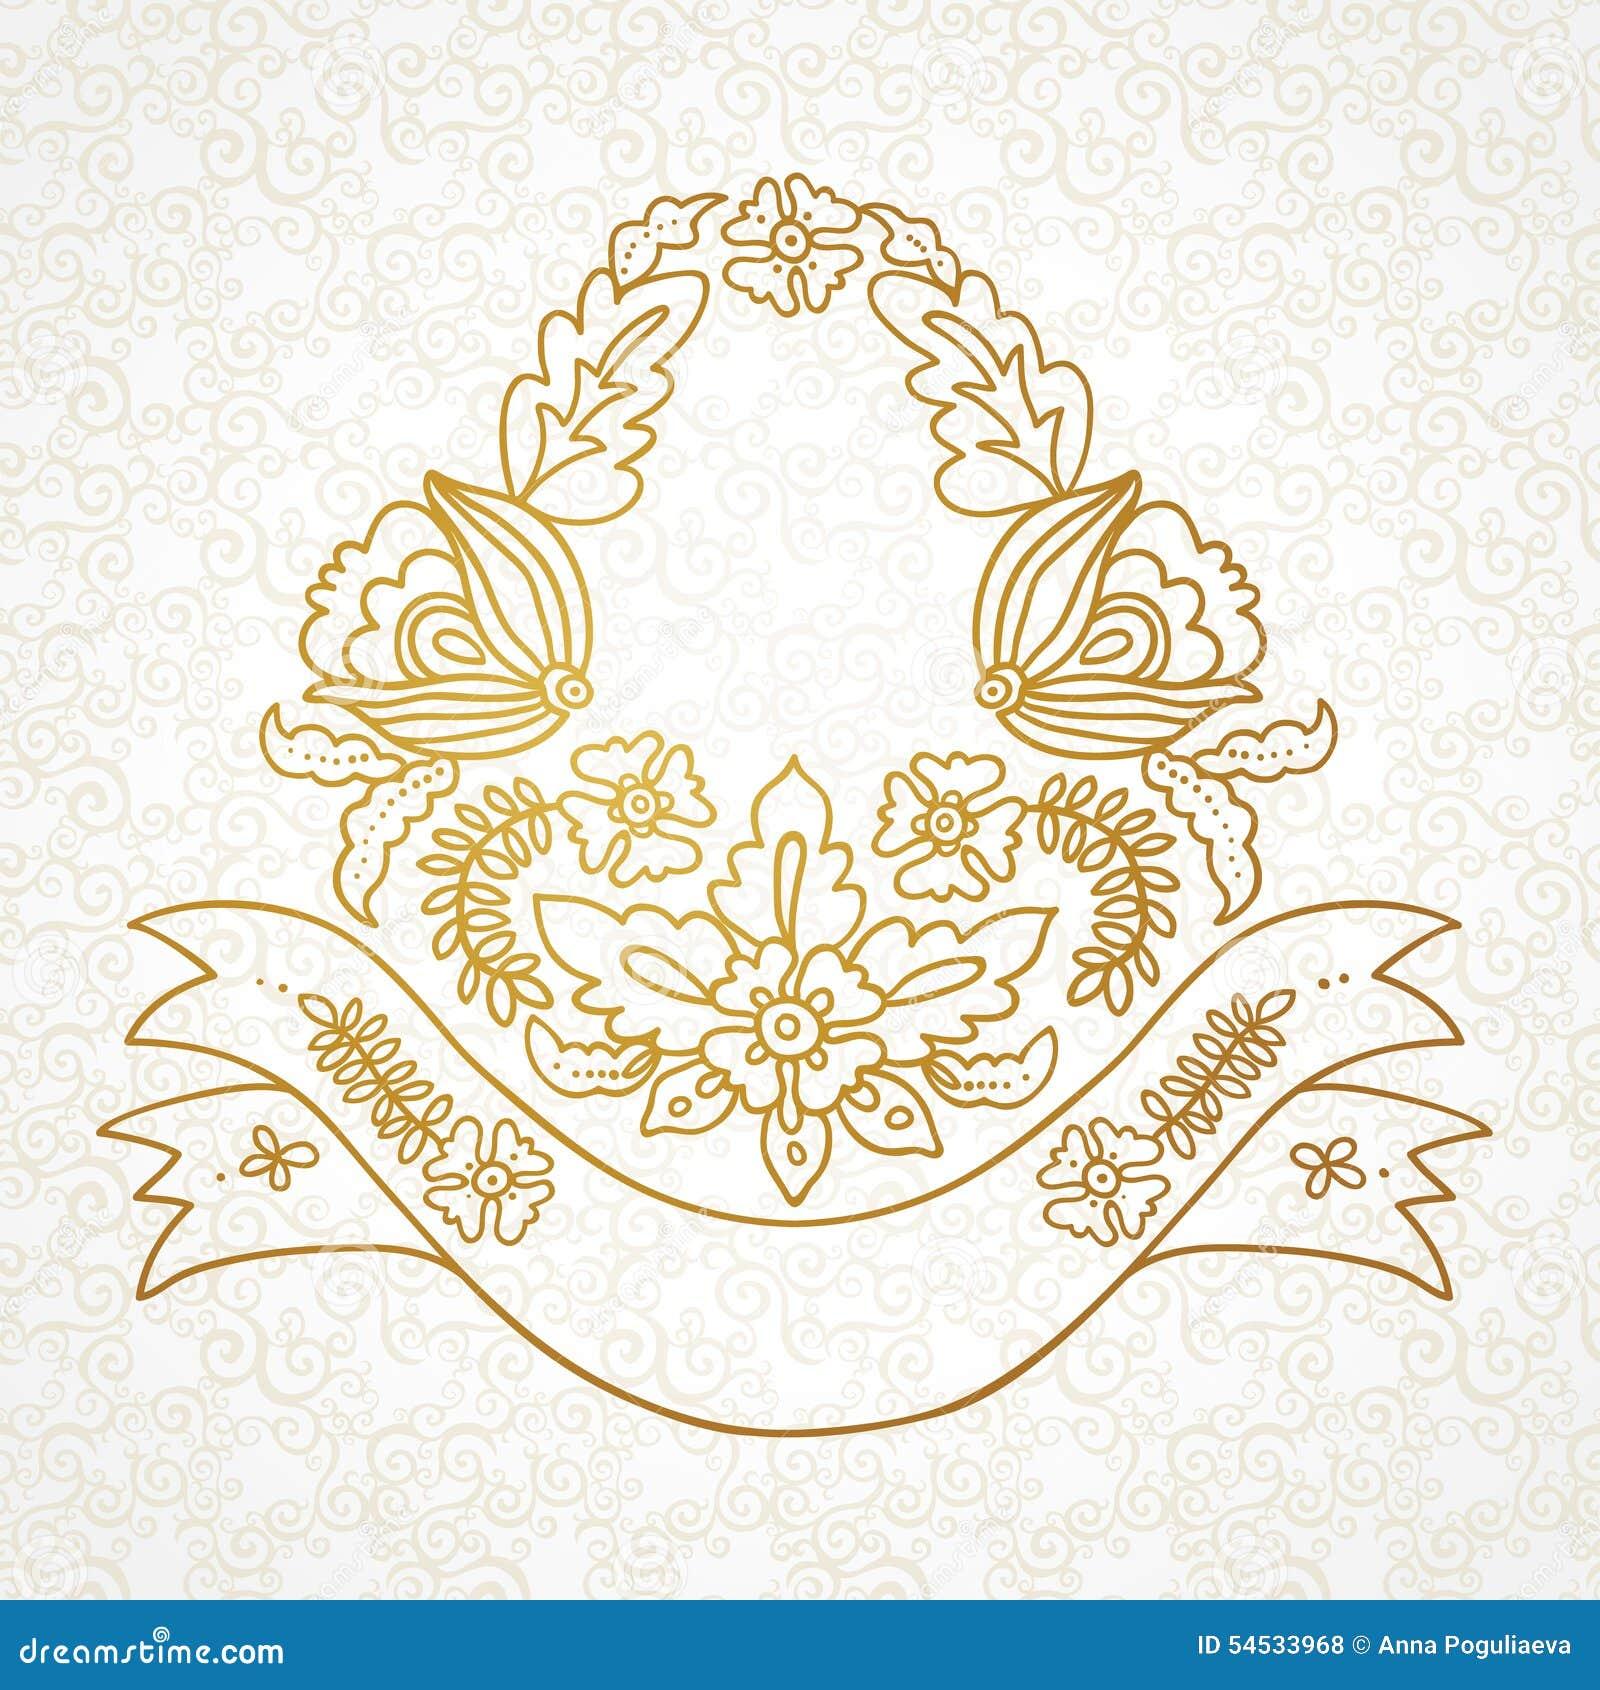 Wappen schablone Stock-Fotos - Melden Sie sich kostenlos an